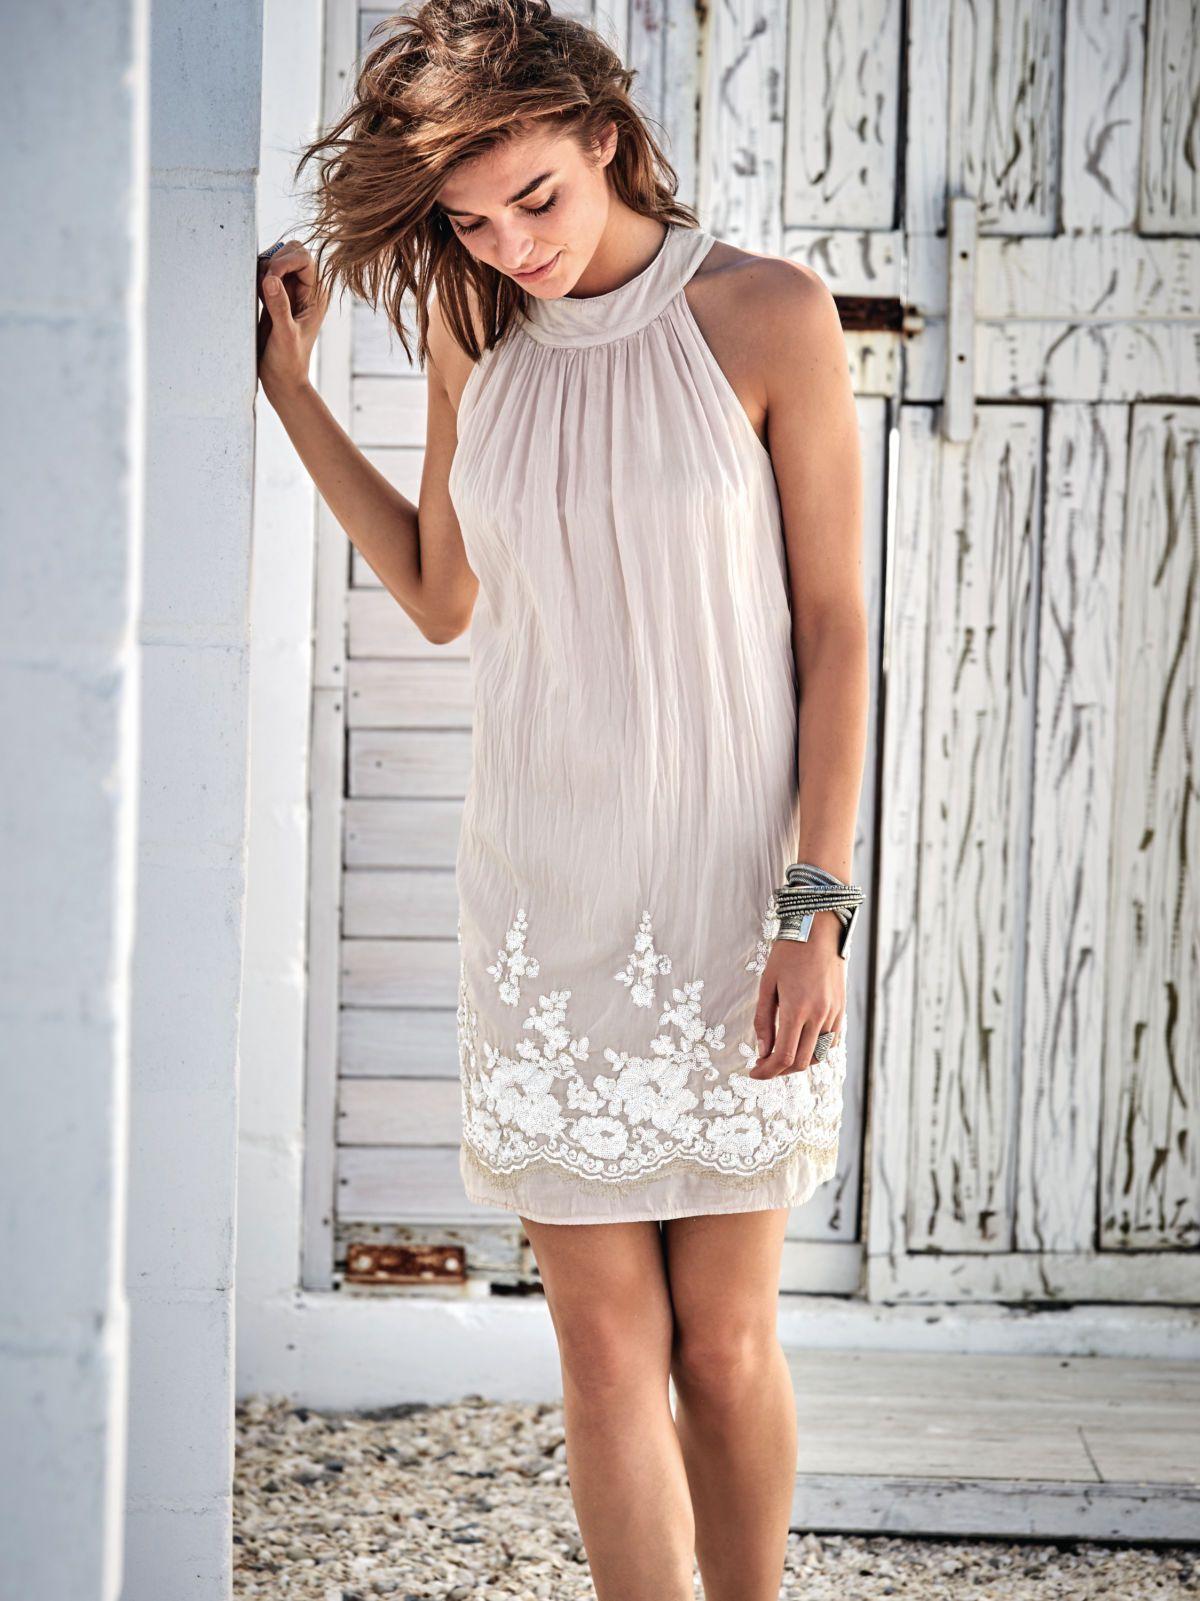 Plain Kleid Hochzeitsgast Refashion Heisst Der Neueste Trend Top Modische Kleider Kleider Hochzeit Kleid Hochzeit Gast Elegante Kleider Fur Hochzeit